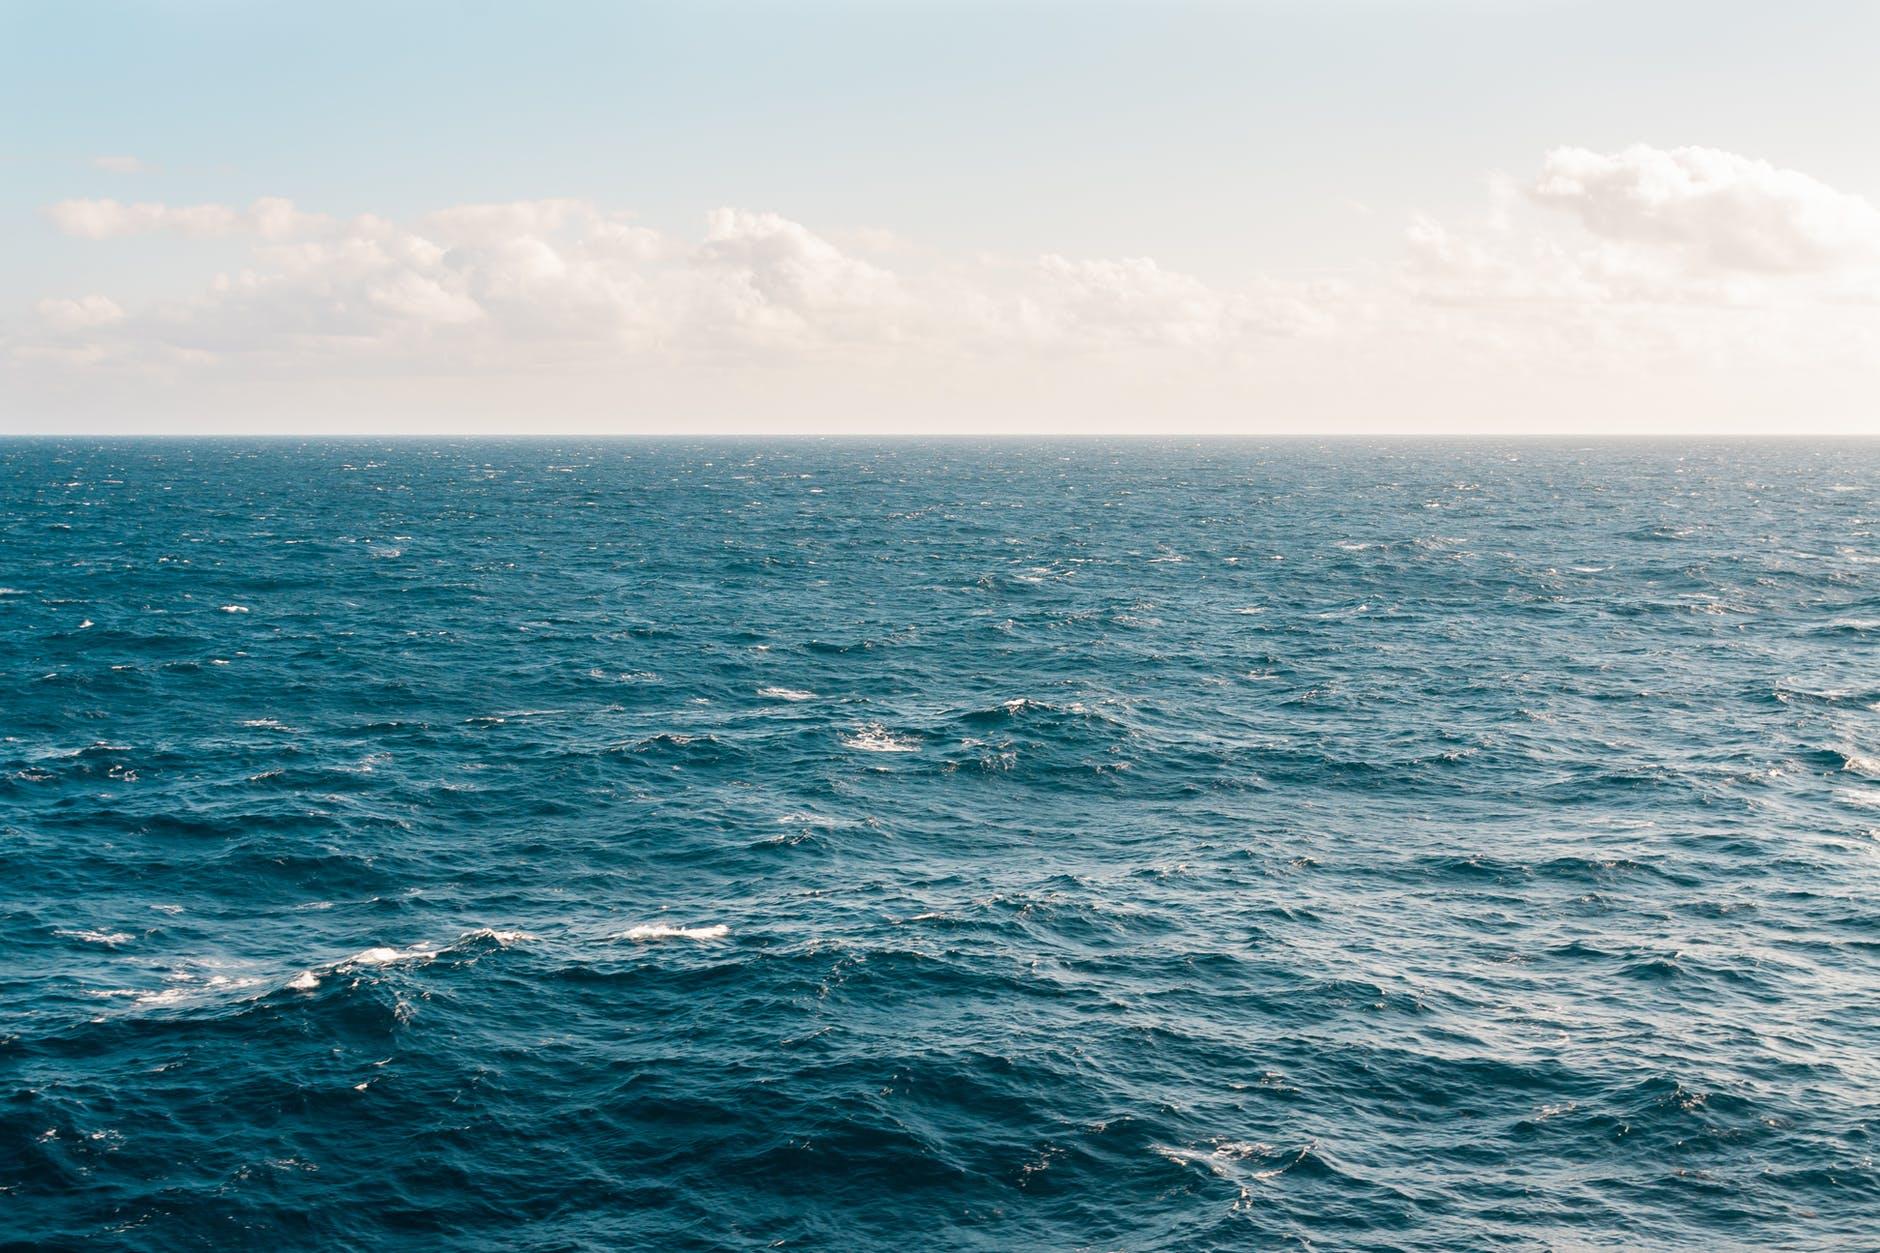 Imagen del océano. Olas azul oscuro. Sfera proyecto ambiental